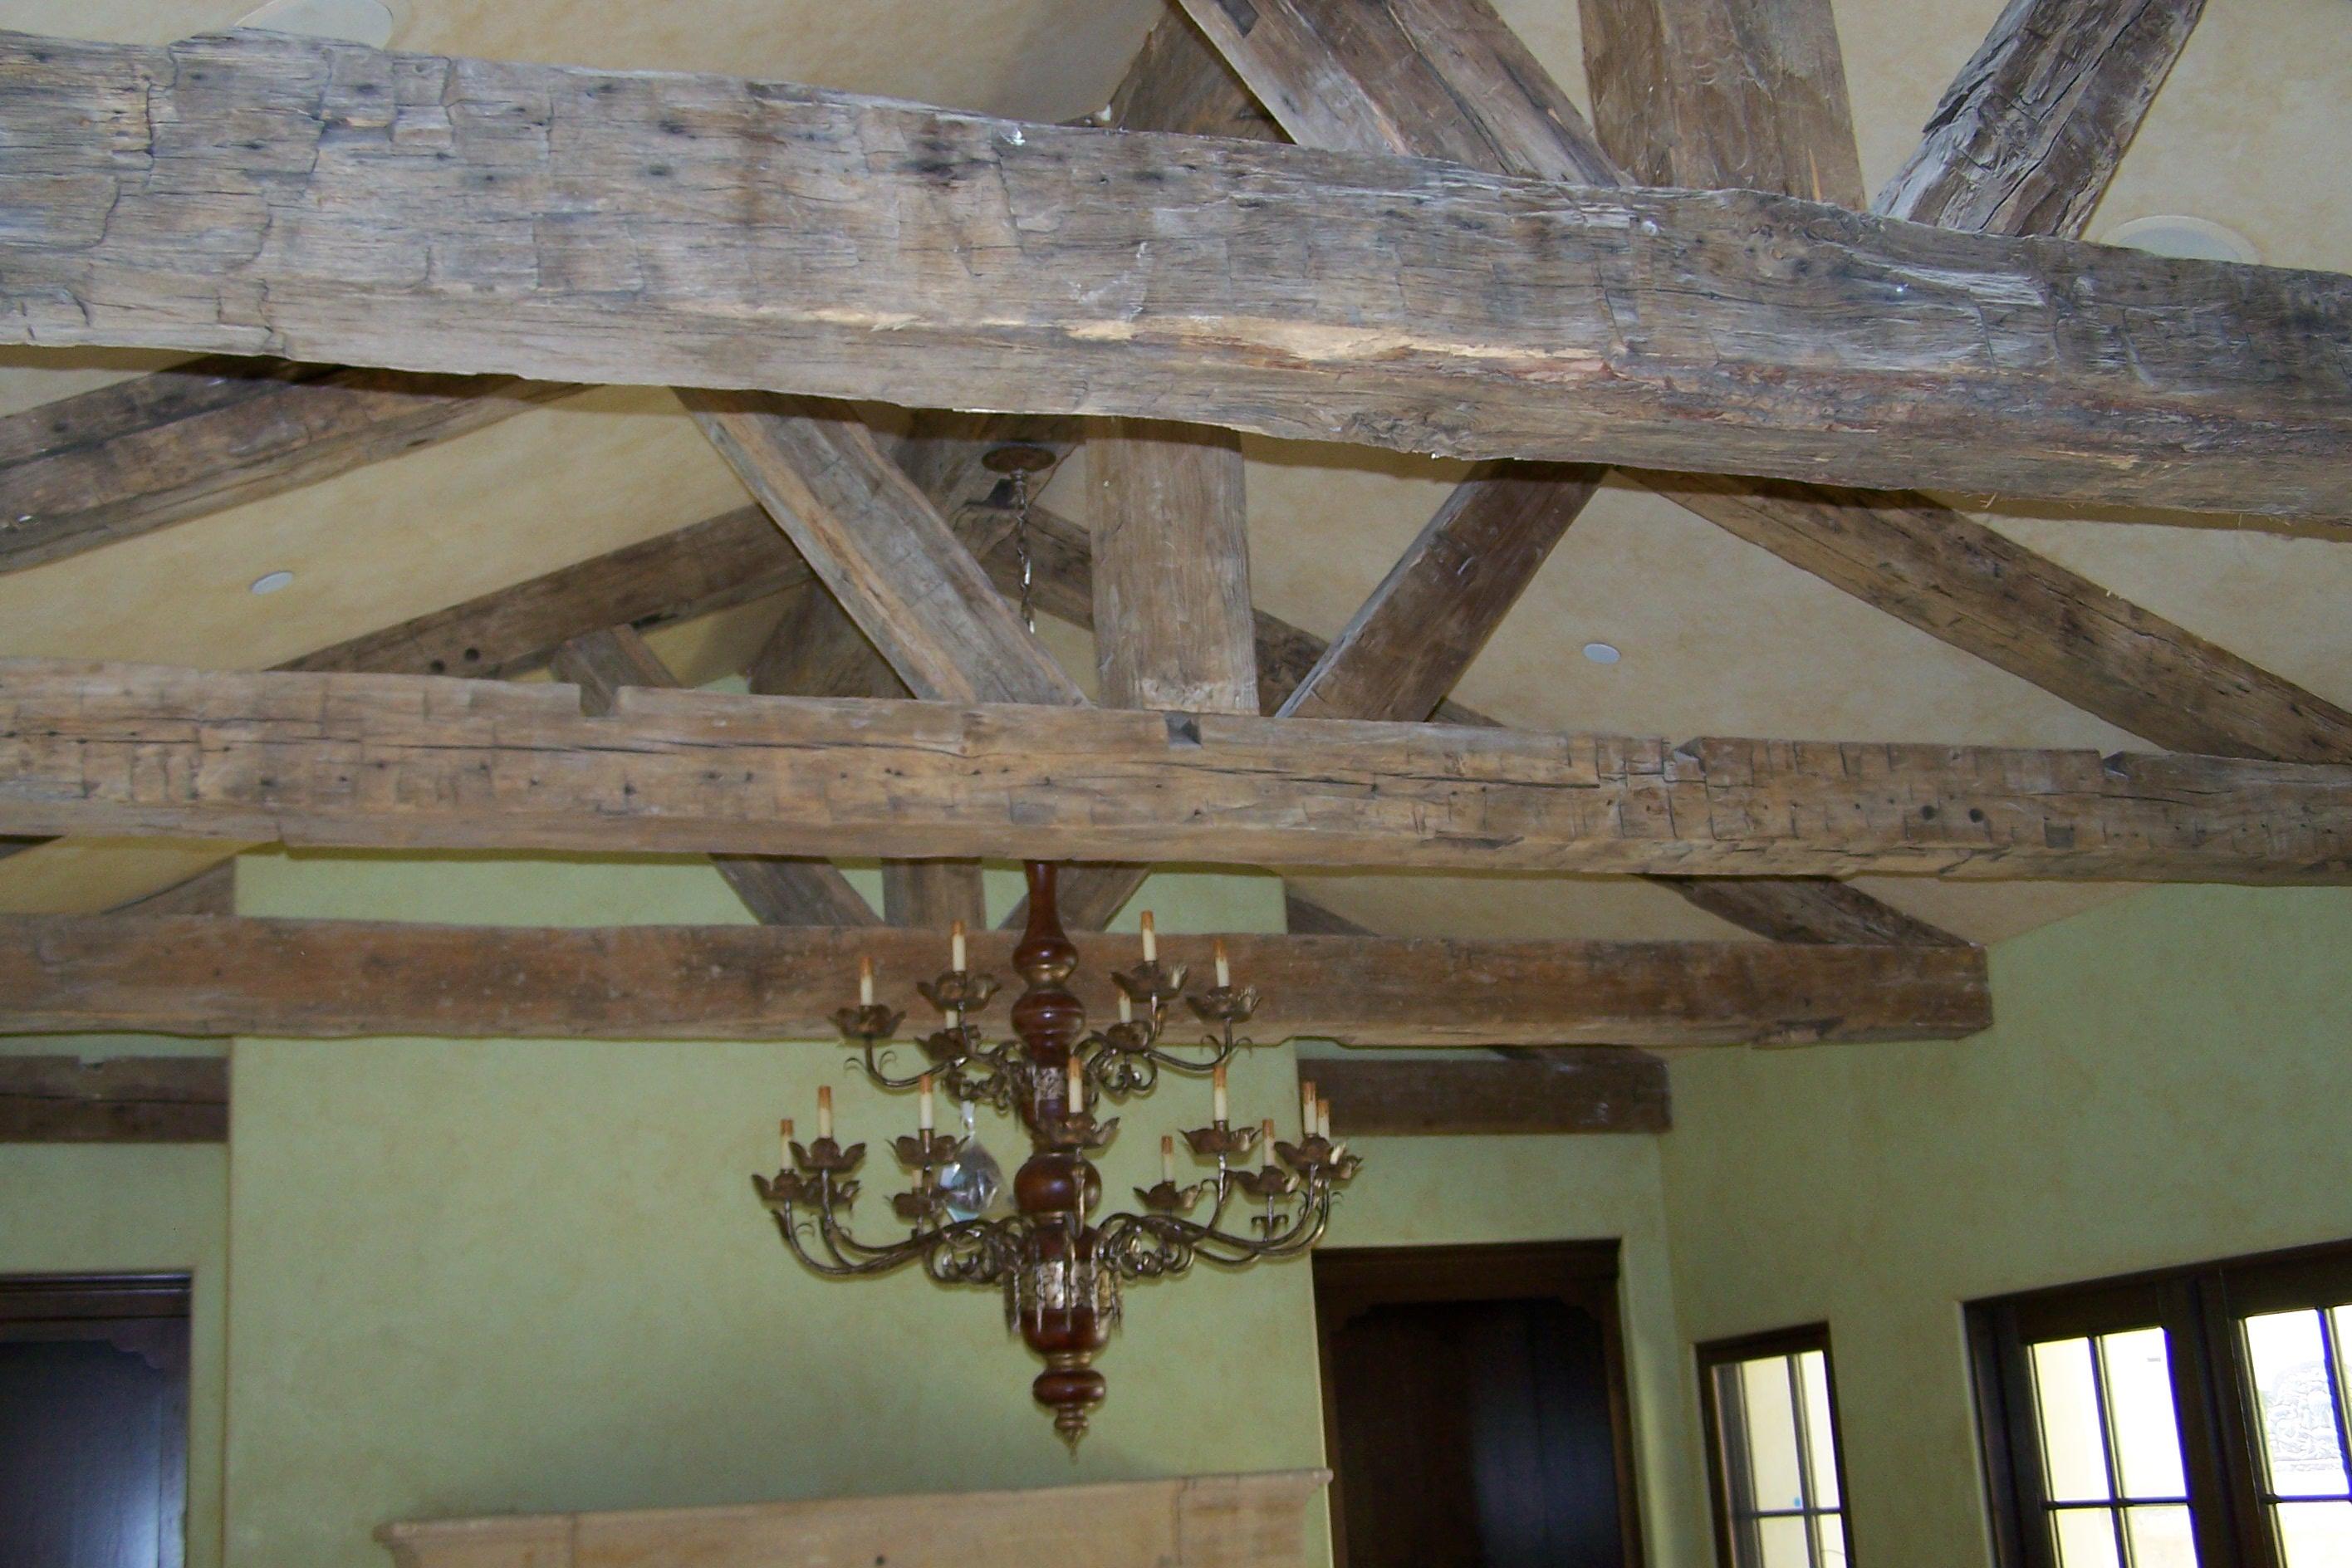 Rustic Reclaimed Mixed Wood Beams